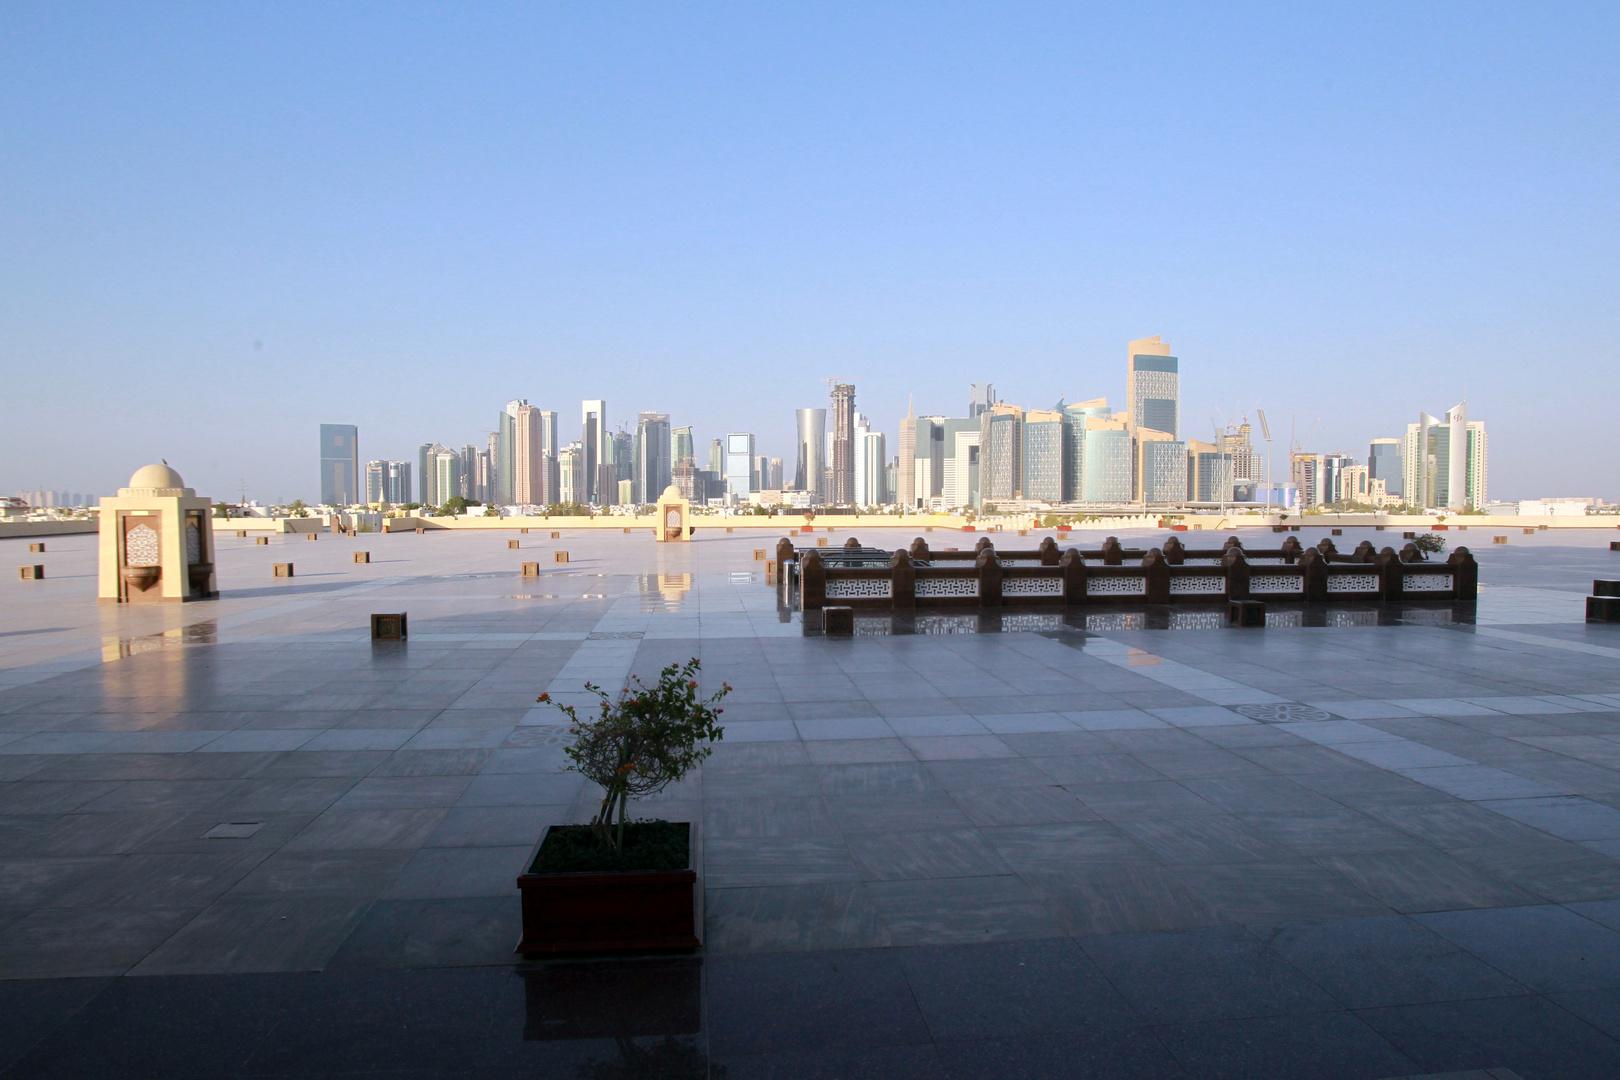 بقفزة قياسية.. حصيلة الإصابات بكورونا في قطر تتجاوز الـ50 ألفا